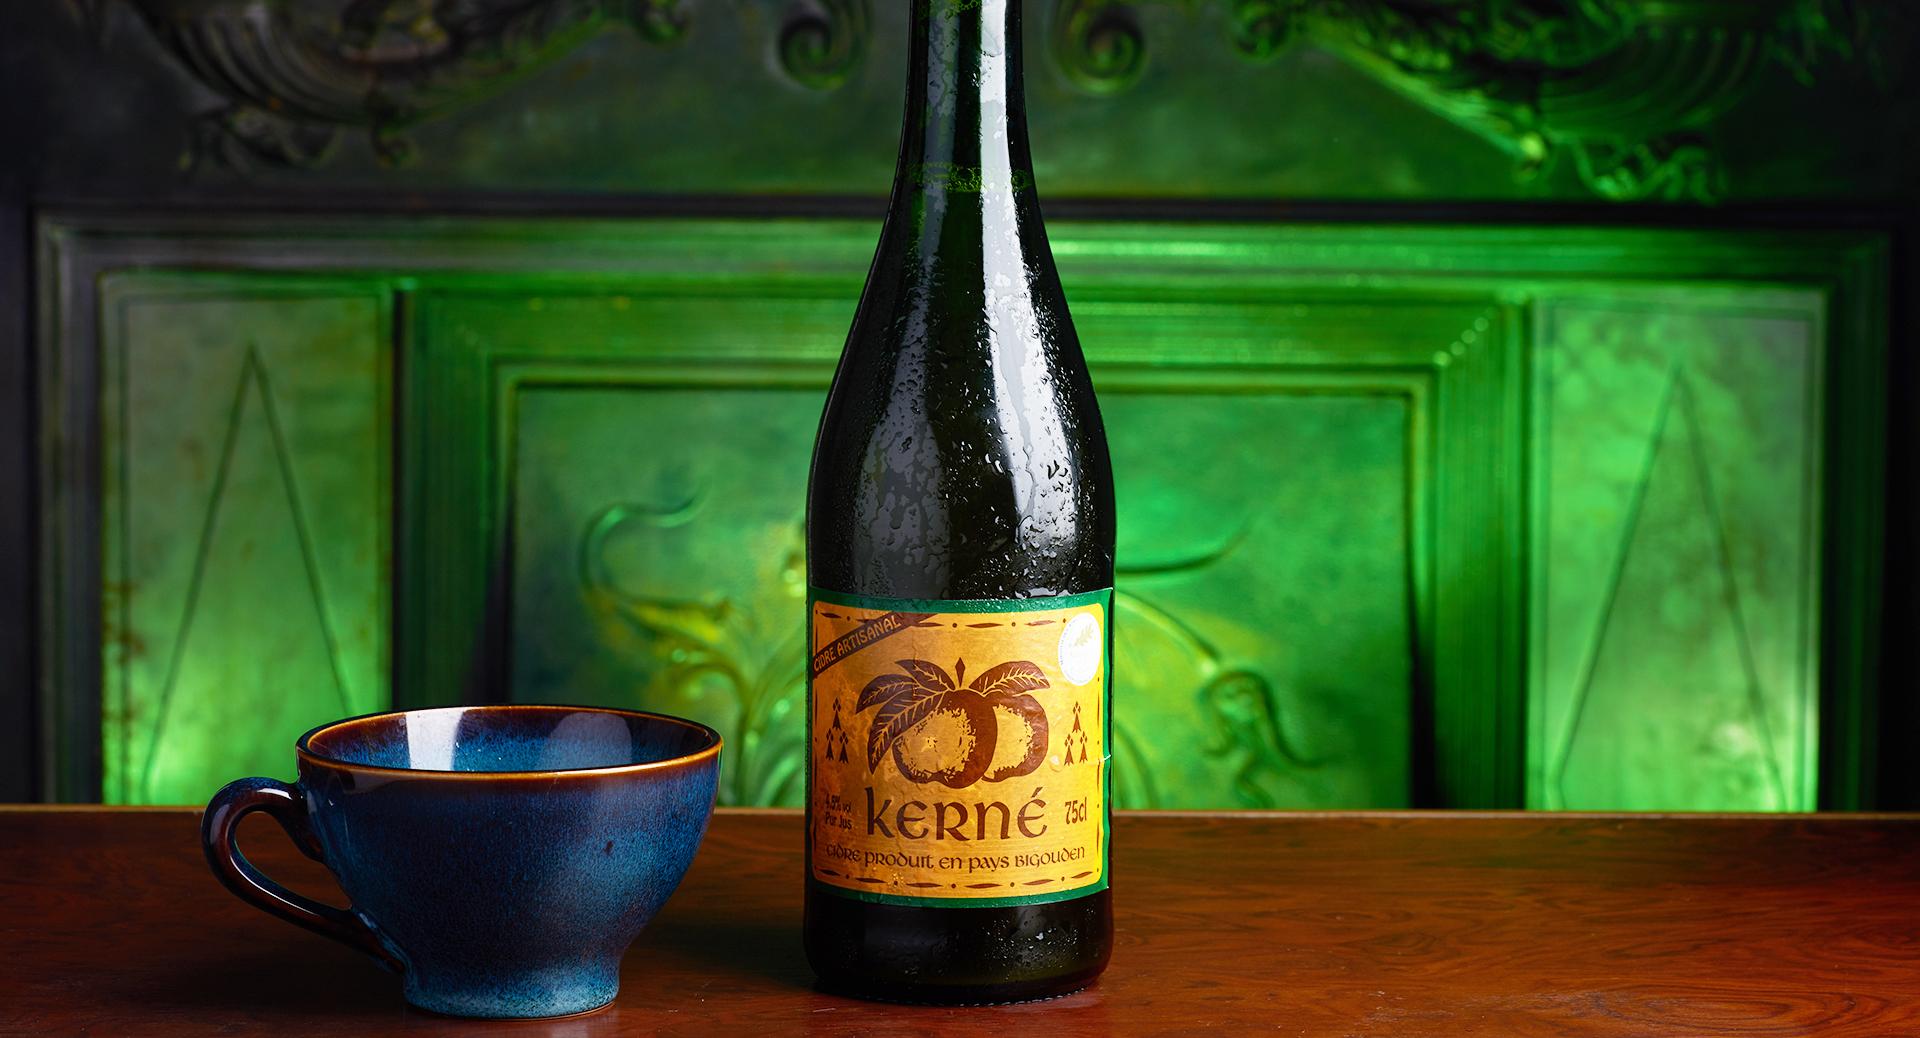 Kerne Cidre cider french